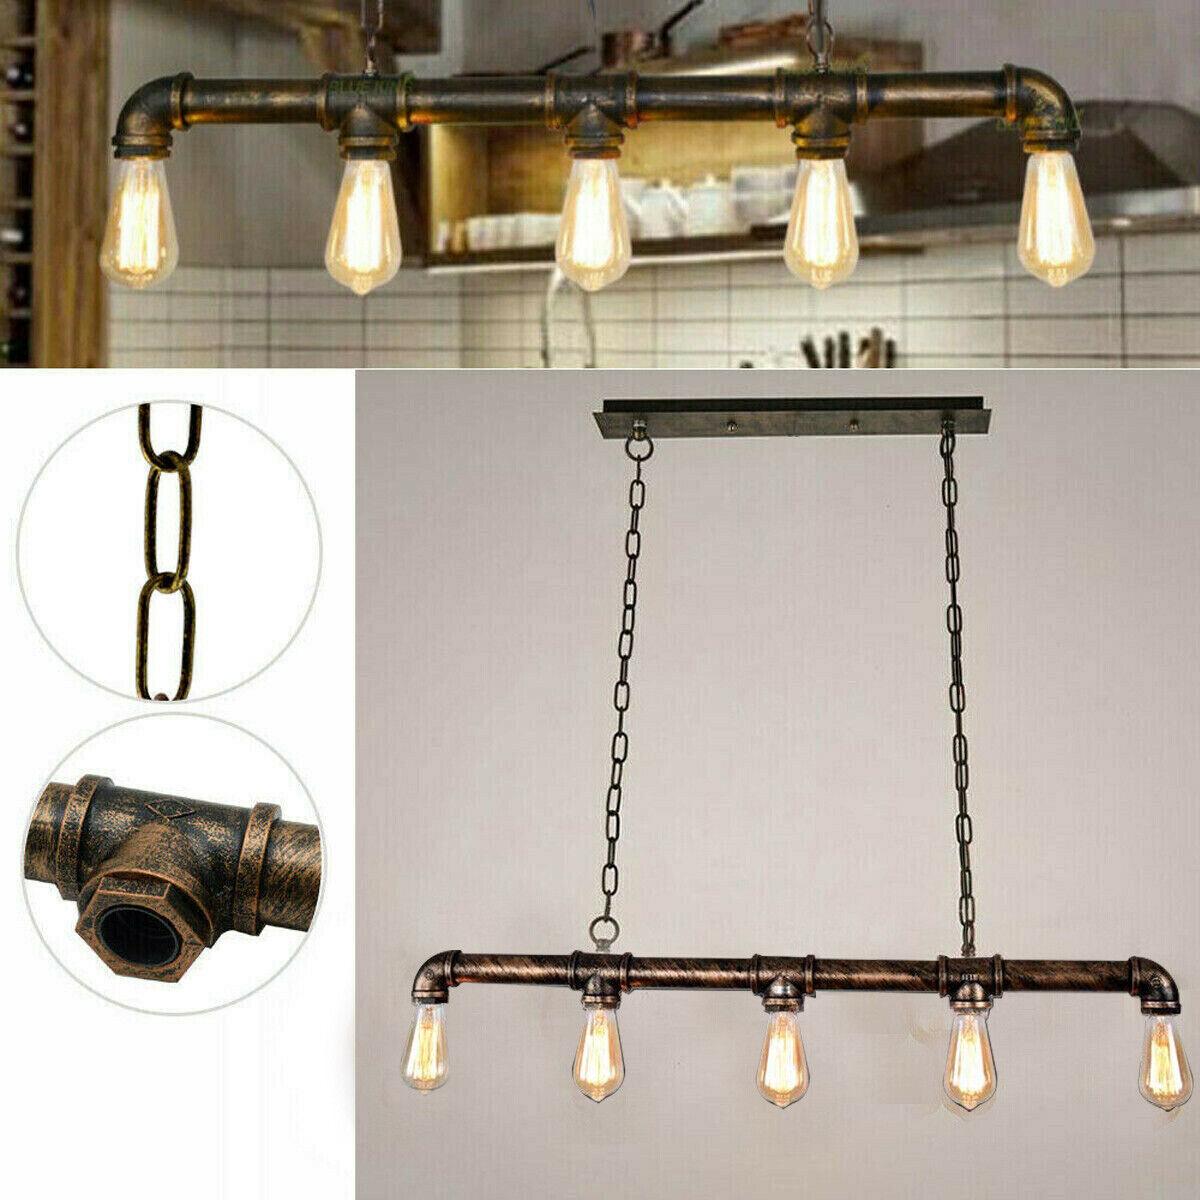 LED Nachtlicht Vintage Dekoration geeignet f/ür Bars Schlafzimmer Caf/és HCDMRE Retro Pers/önlichkeit Wasser Rohr Lampe//industrielle Rohr Leuchte